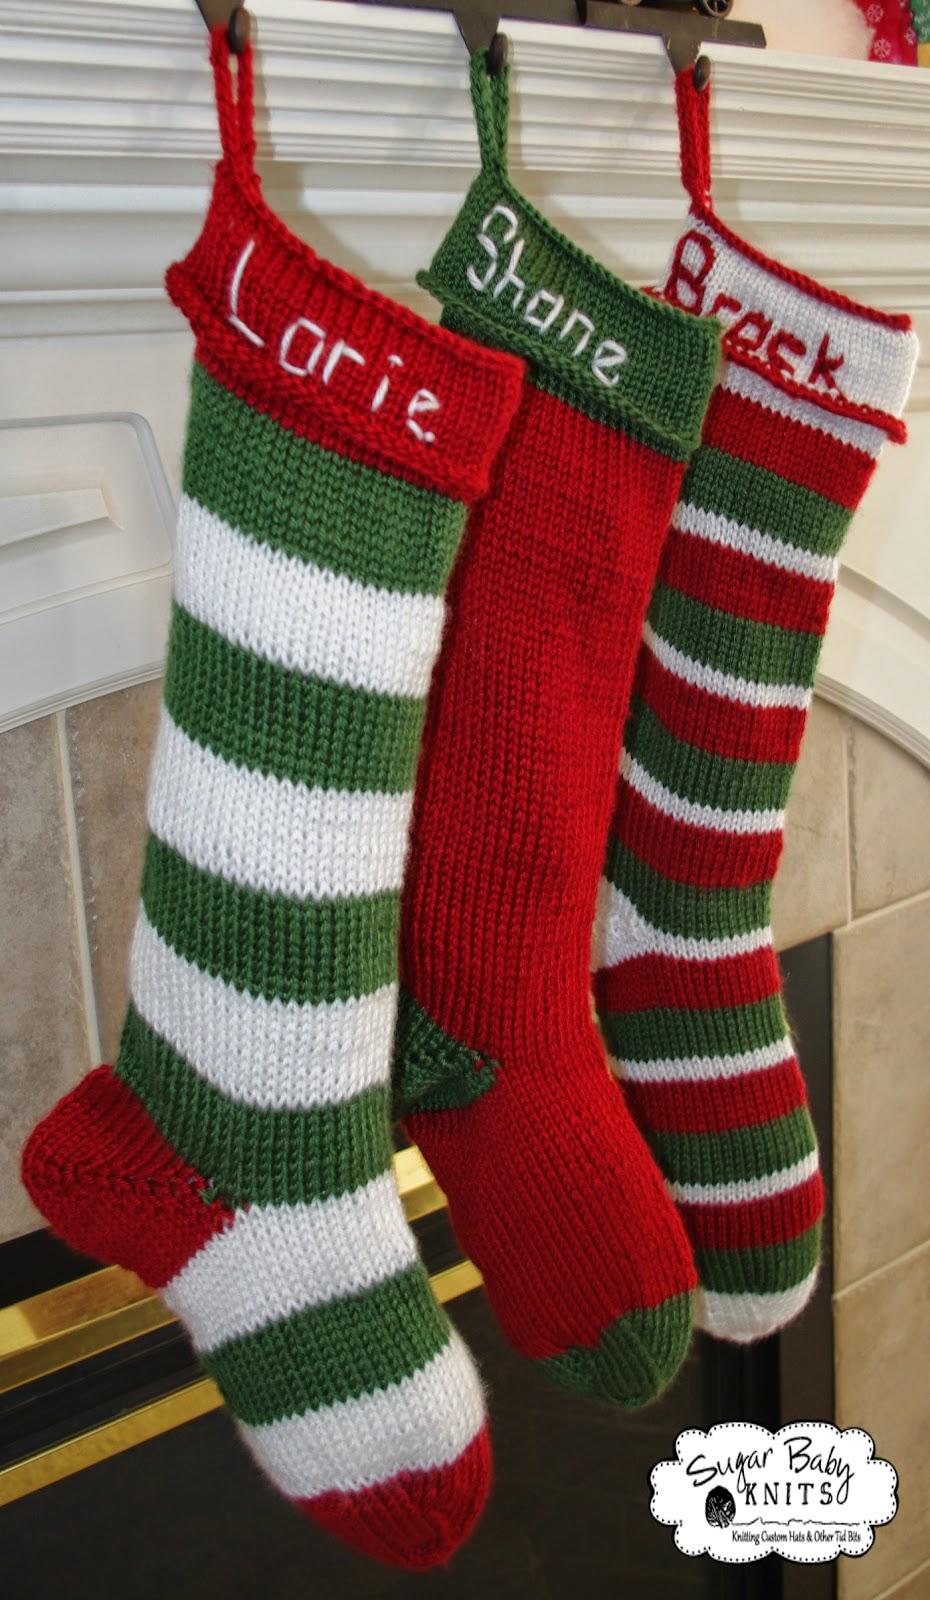 Sugar Baby Knits New Personalized Knit Stocking Pattern